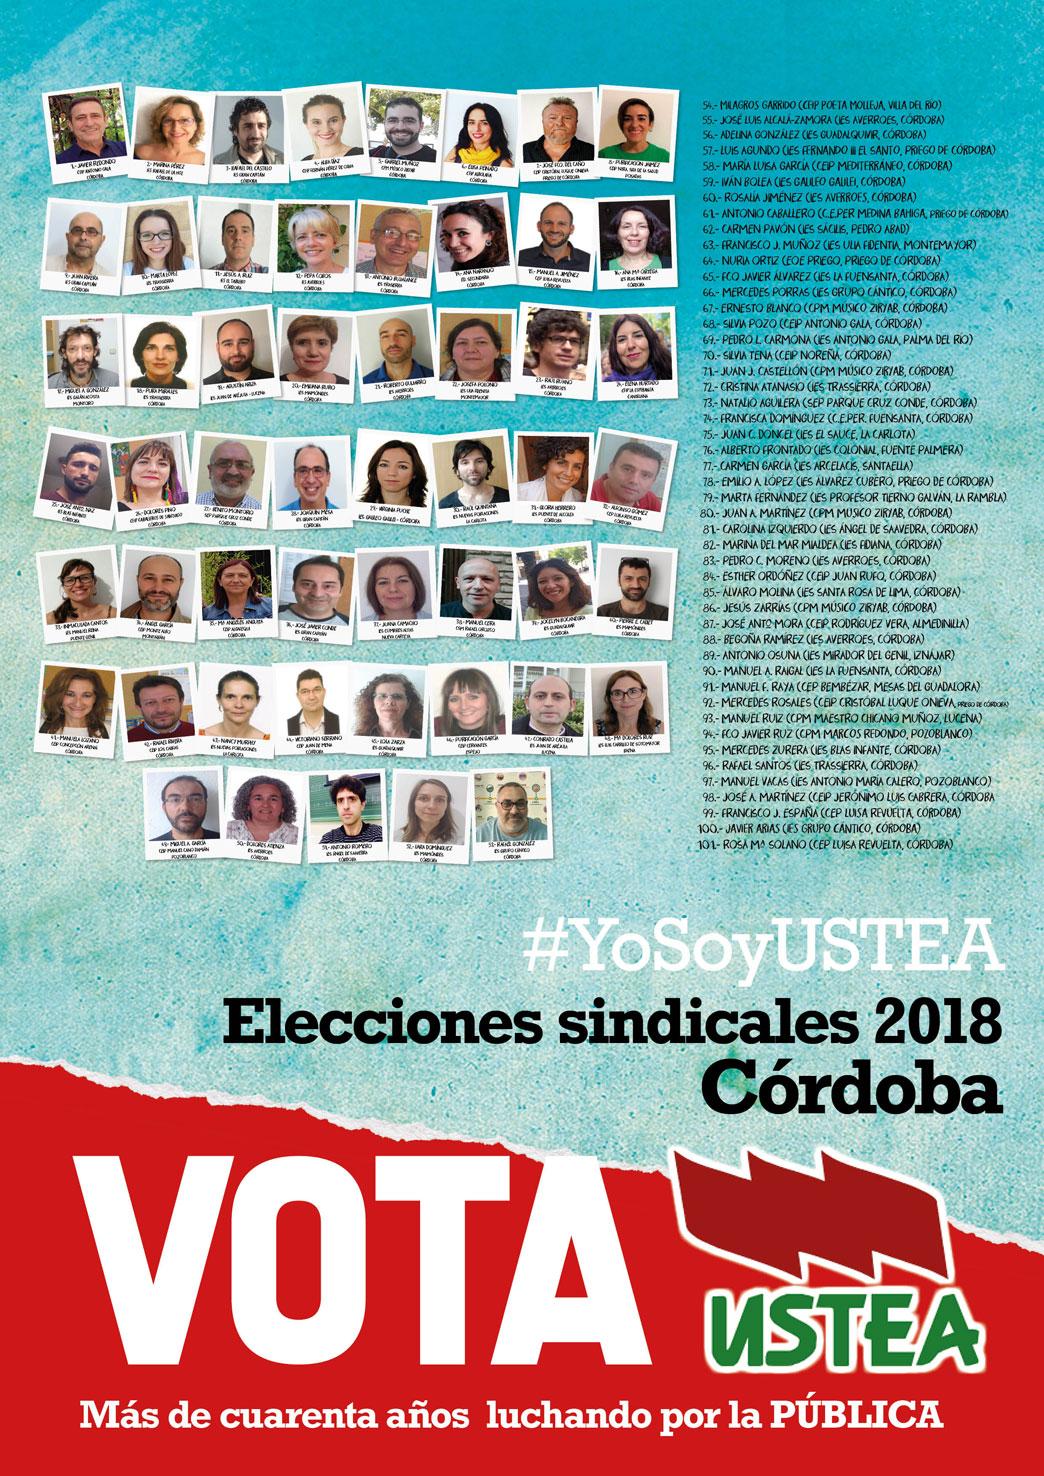 Elecciones sindicales 2018 a quién votar Ustea Córdoba